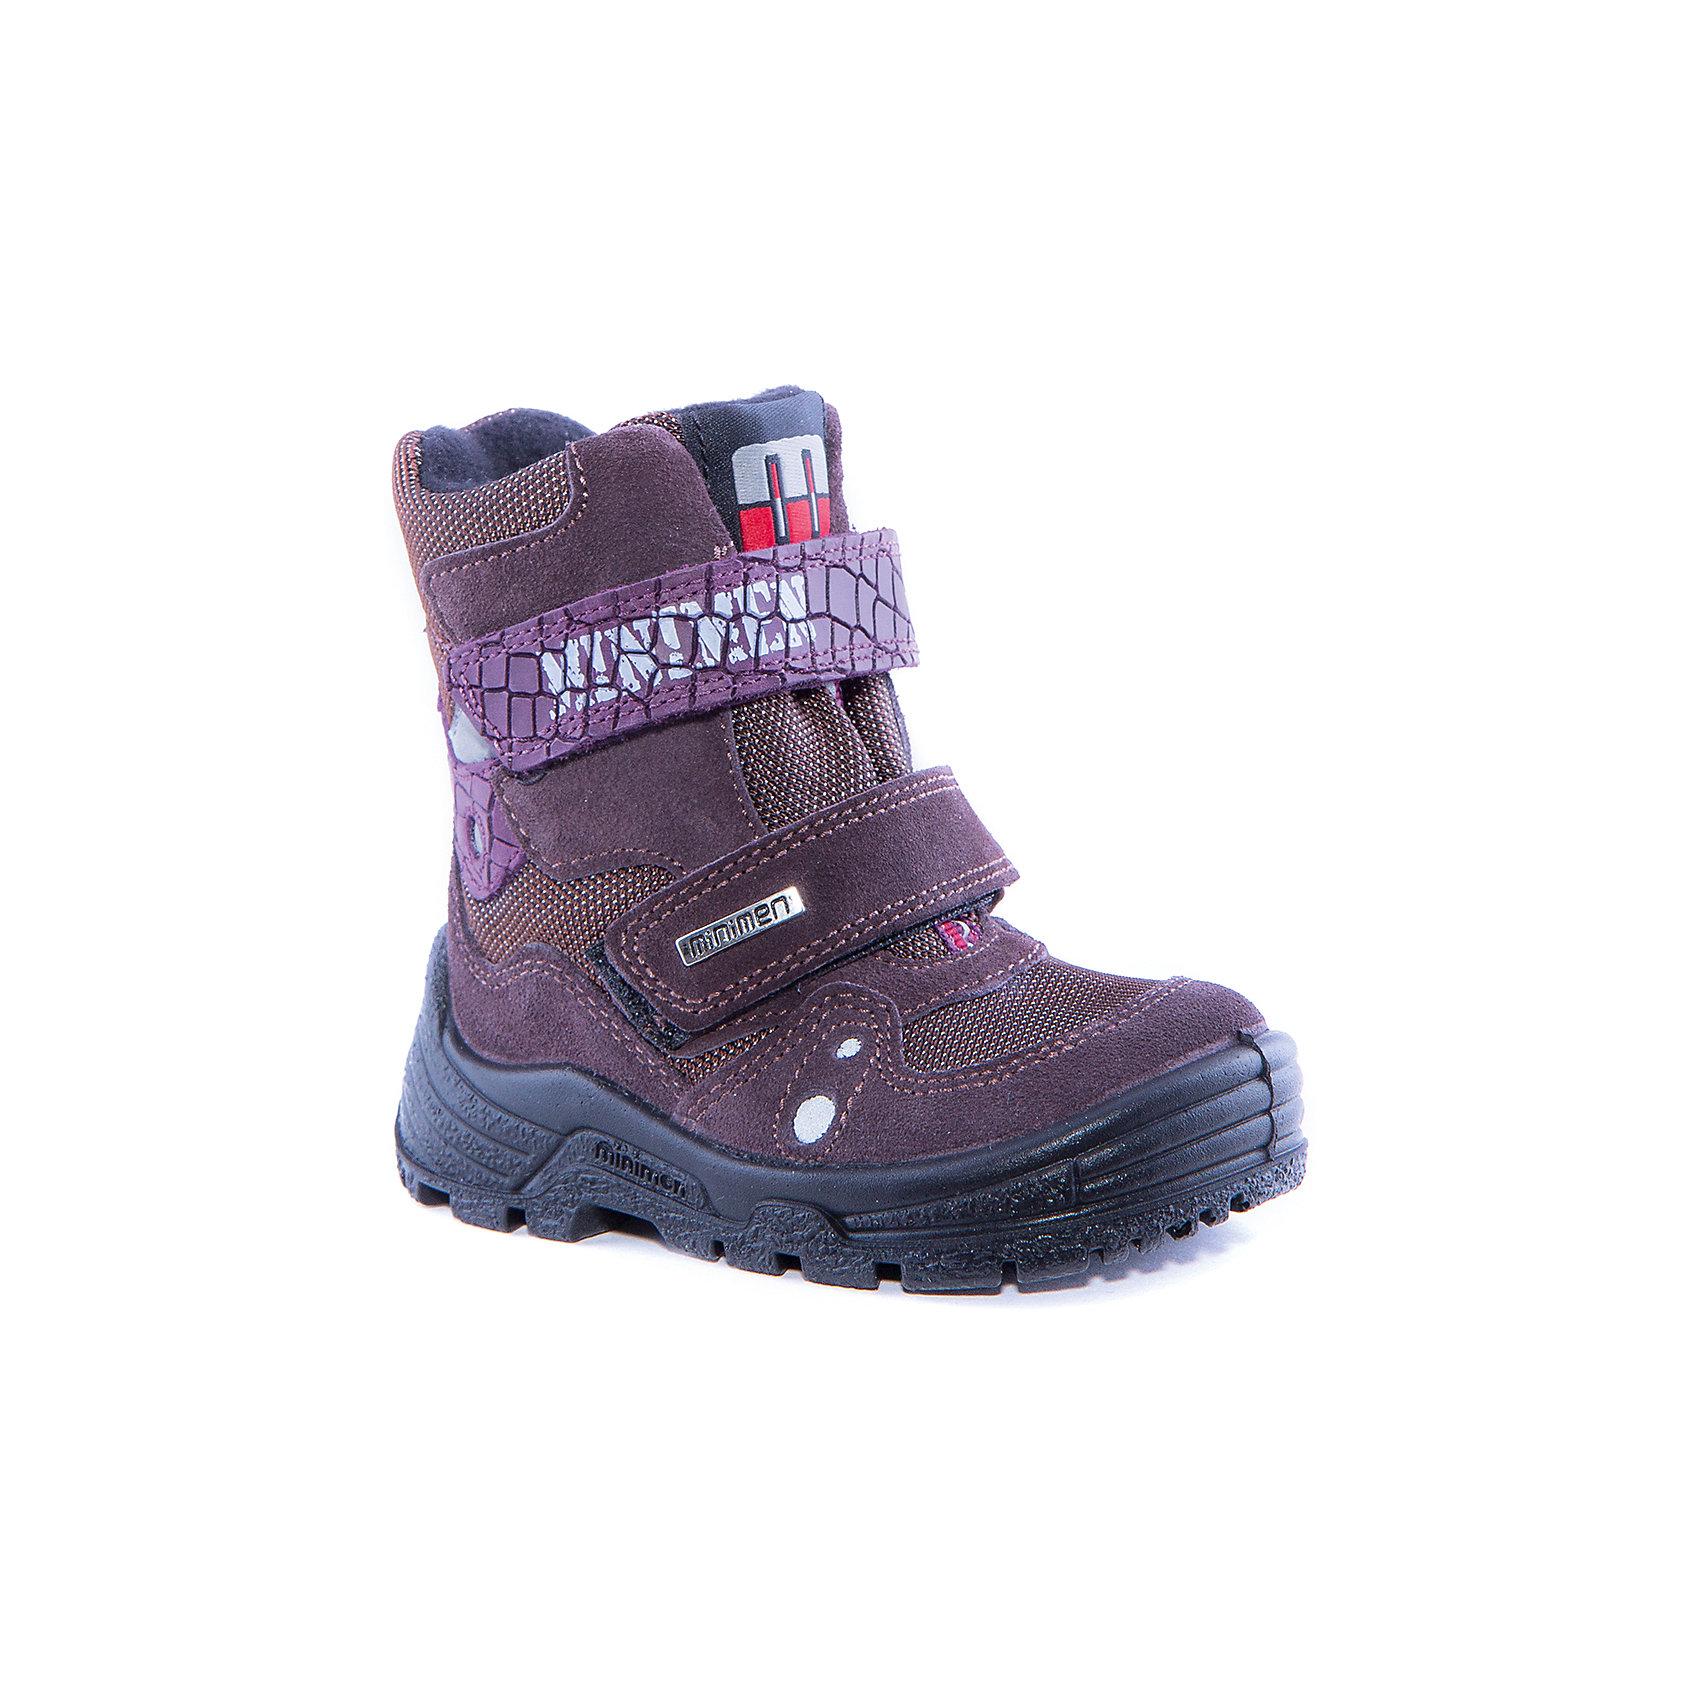 Ботинки для девочки MinimenБотинки<br>Сапоги для девочки от известного бренда Minimen<br><br>Стильные утепленные сапоги Minimen созданы для ношения в межсезонье и начинающиеся холода. Их форма тщательно проработана, поэтому детским ножкам в такой обуви тепло и комфортно. Качественные материалы позволяют сделать изделия износостойкими и удобными.<br><br>При создании этой модели использована мембрана SympaTex. Она добавляется в подкладку обуви и позволяют ногам оставаться сухими и теплыми. Мембрана активно отводит влагу наружу, и не дает жидкости проникать внутрь, а также  не создает препятствий для воздуха, обеспечивая комфортные условия для детских ножек.<br><br>Отличительные особенности модели:<br><br>- цвет: коричневый;<br>- мембрана SympaTex;<br>- гибкая нескользящая подошва;<br>- усиленный носок и задник;<br>- эргономичная форма;<br>- удобная колодка;<br>- шерстяная подкладка;<br>- натуральная кожа;<br>- застежки-липучки.<br><br>Дополнительная информация:<br><br>- Температурный режим: от - 20° С  до +5° С.<br><br>- Состав:<br><br>материал верха: 100% натуральная кожа<br>материал подкладки: 100% шерсть<br>подошва: ТЭП<br><br>Сапоги для девочки Minimen (Минимен) можно купить в нашем магазине.<br><br>Ширина мм: 257<br>Глубина мм: 180<br>Высота мм: 130<br>Вес г: 420<br>Цвет: коричневый<br>Возраст от месяцев: 24<br>Возраст до месяцев: 24<br>Пол: Женский<br>Возраст: Детский<br>Размер: 25,23,29,28,27,26,24,21,22<br>SKU: 4295614